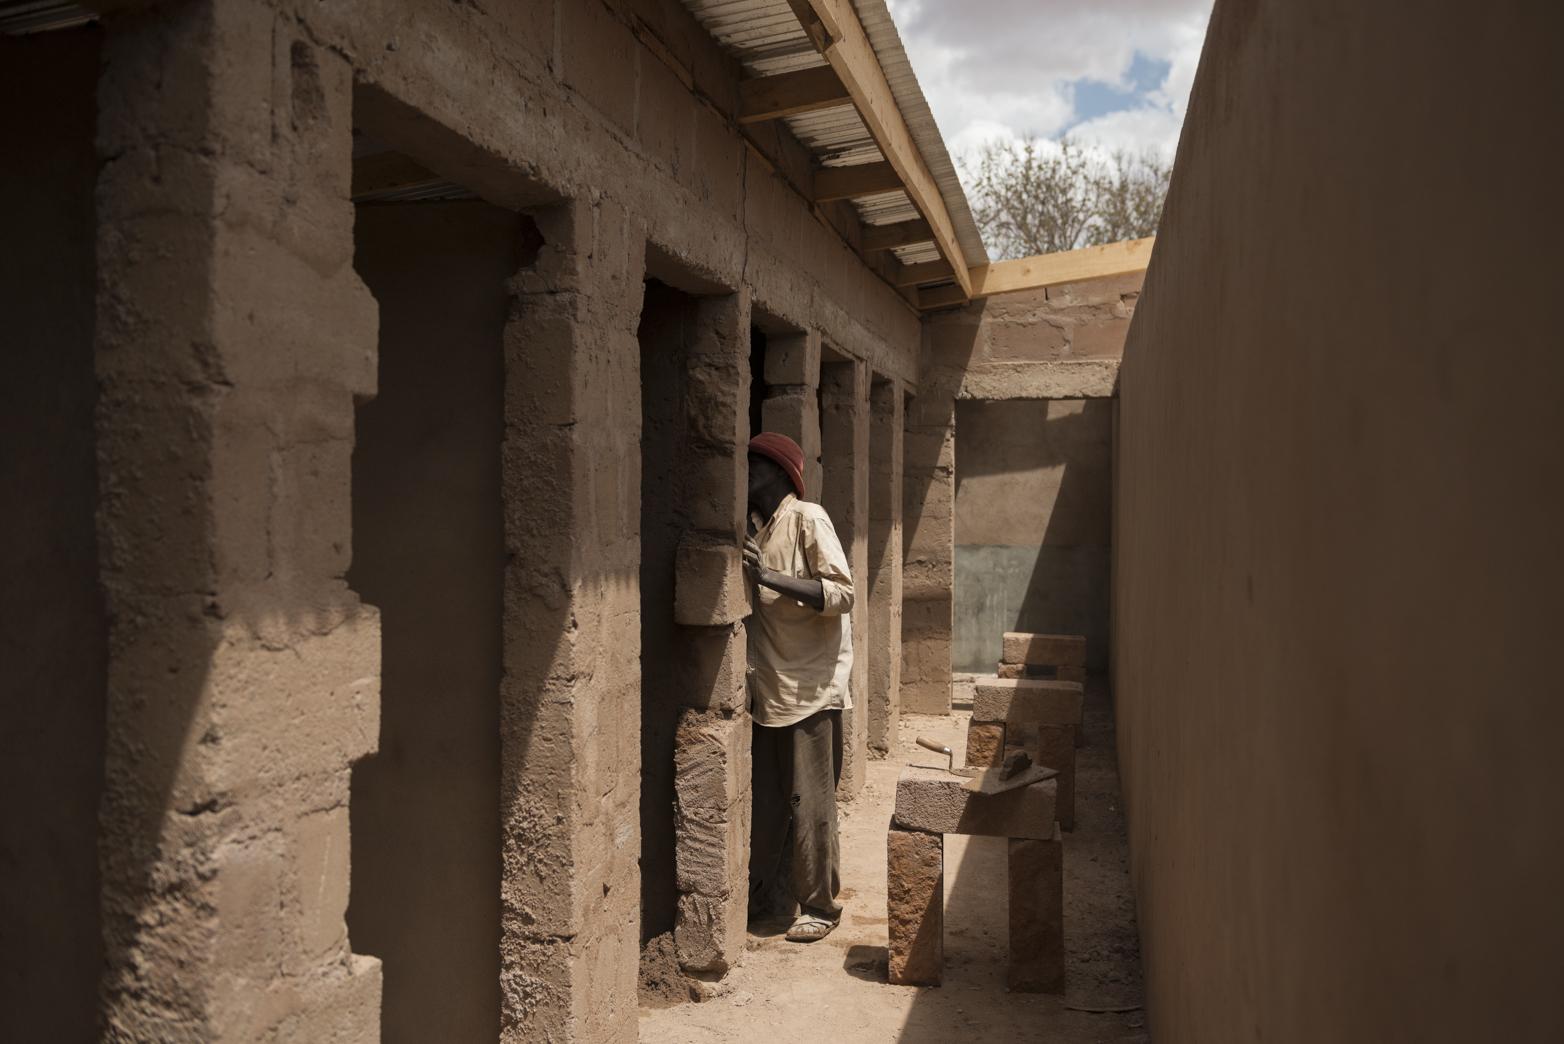 Plastering in Msunjilile